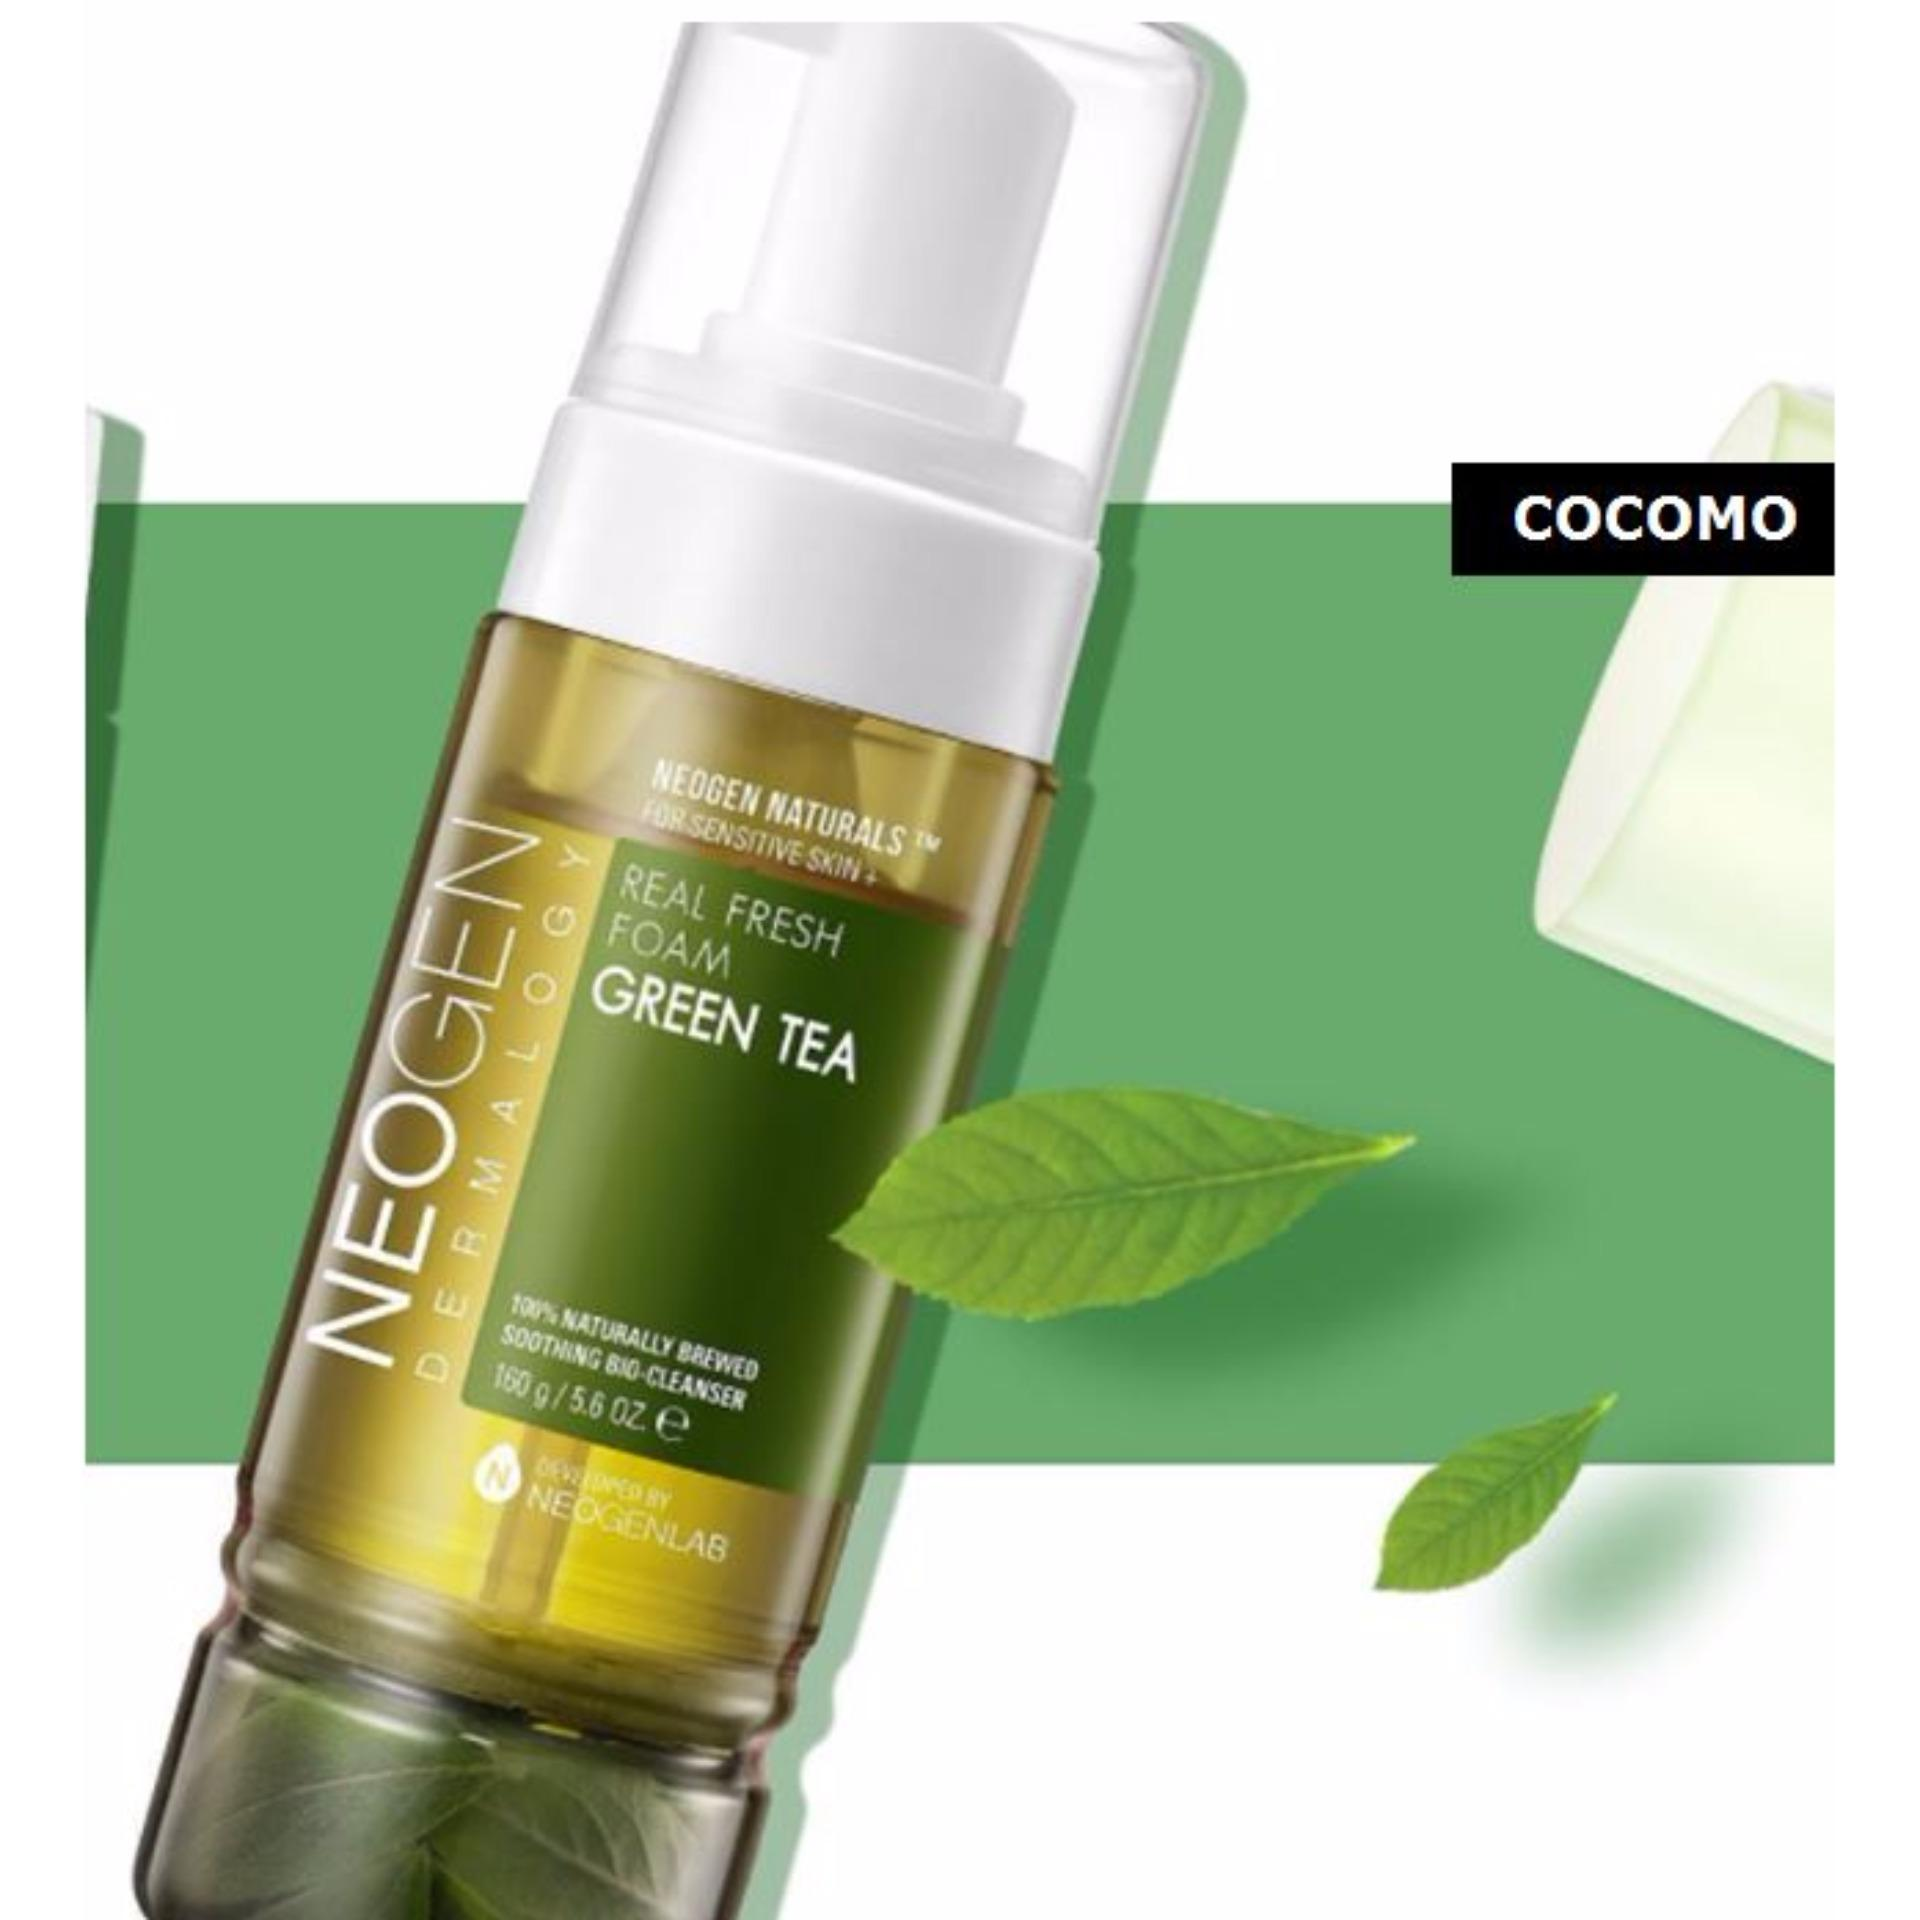 Green Tea Real Fresh Foam Cleanser by neogen dermalogy #16